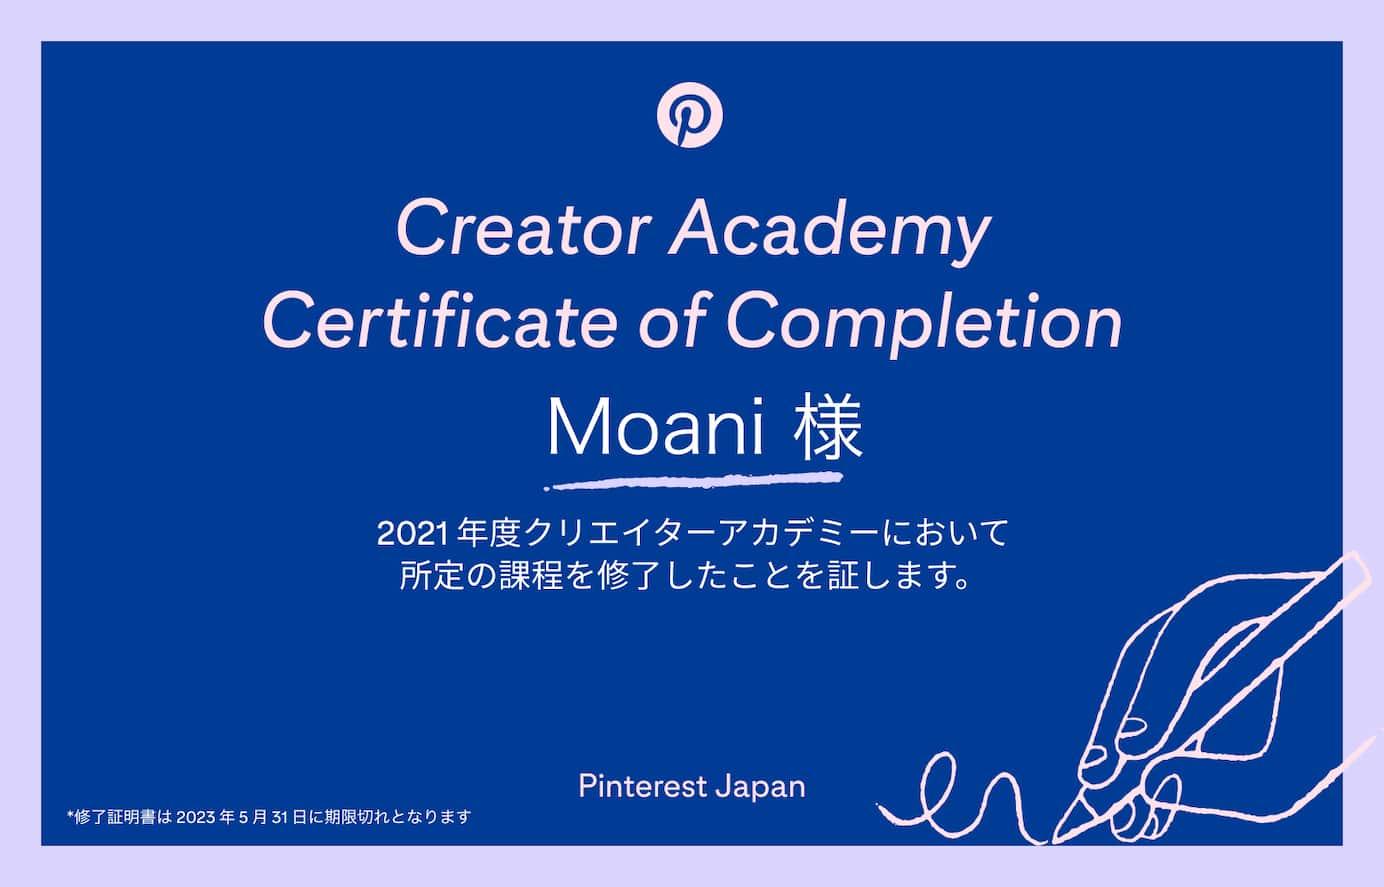 Pinterest Japan が認定するクリエイターアカデミーのカリキュラム受講し、課程を修了したことを証明する修了証